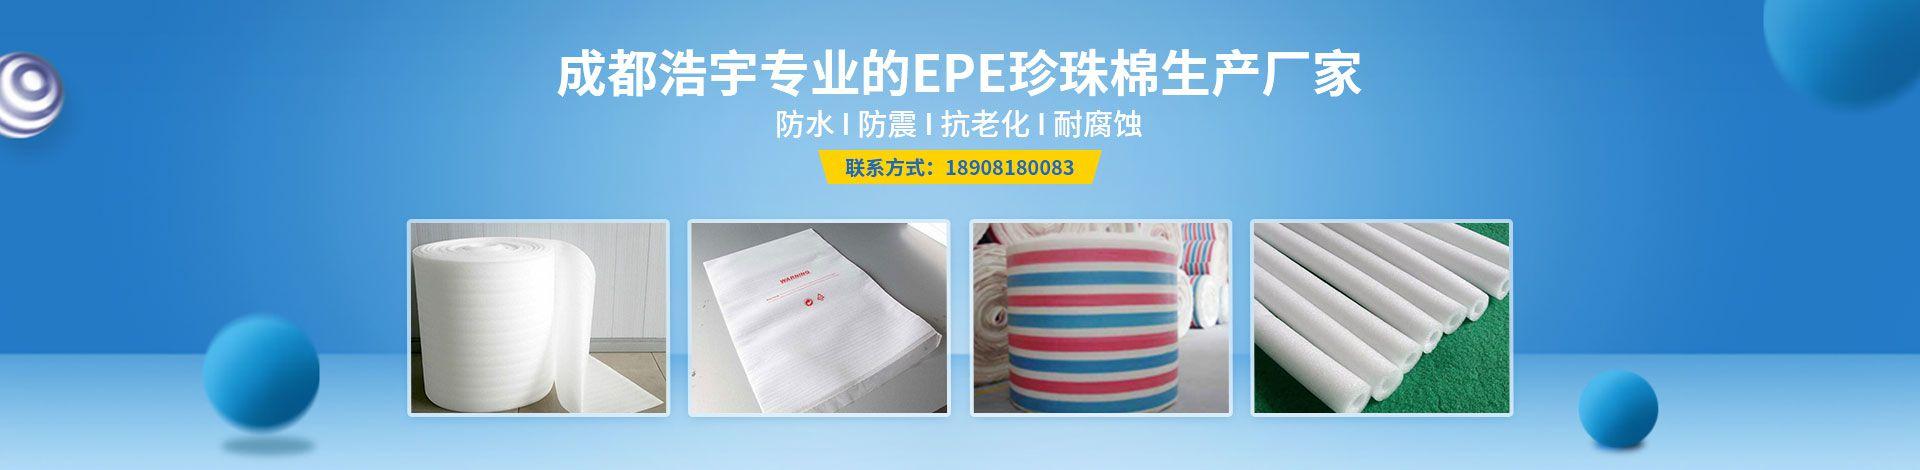 成都浩宇包装材料有限公司